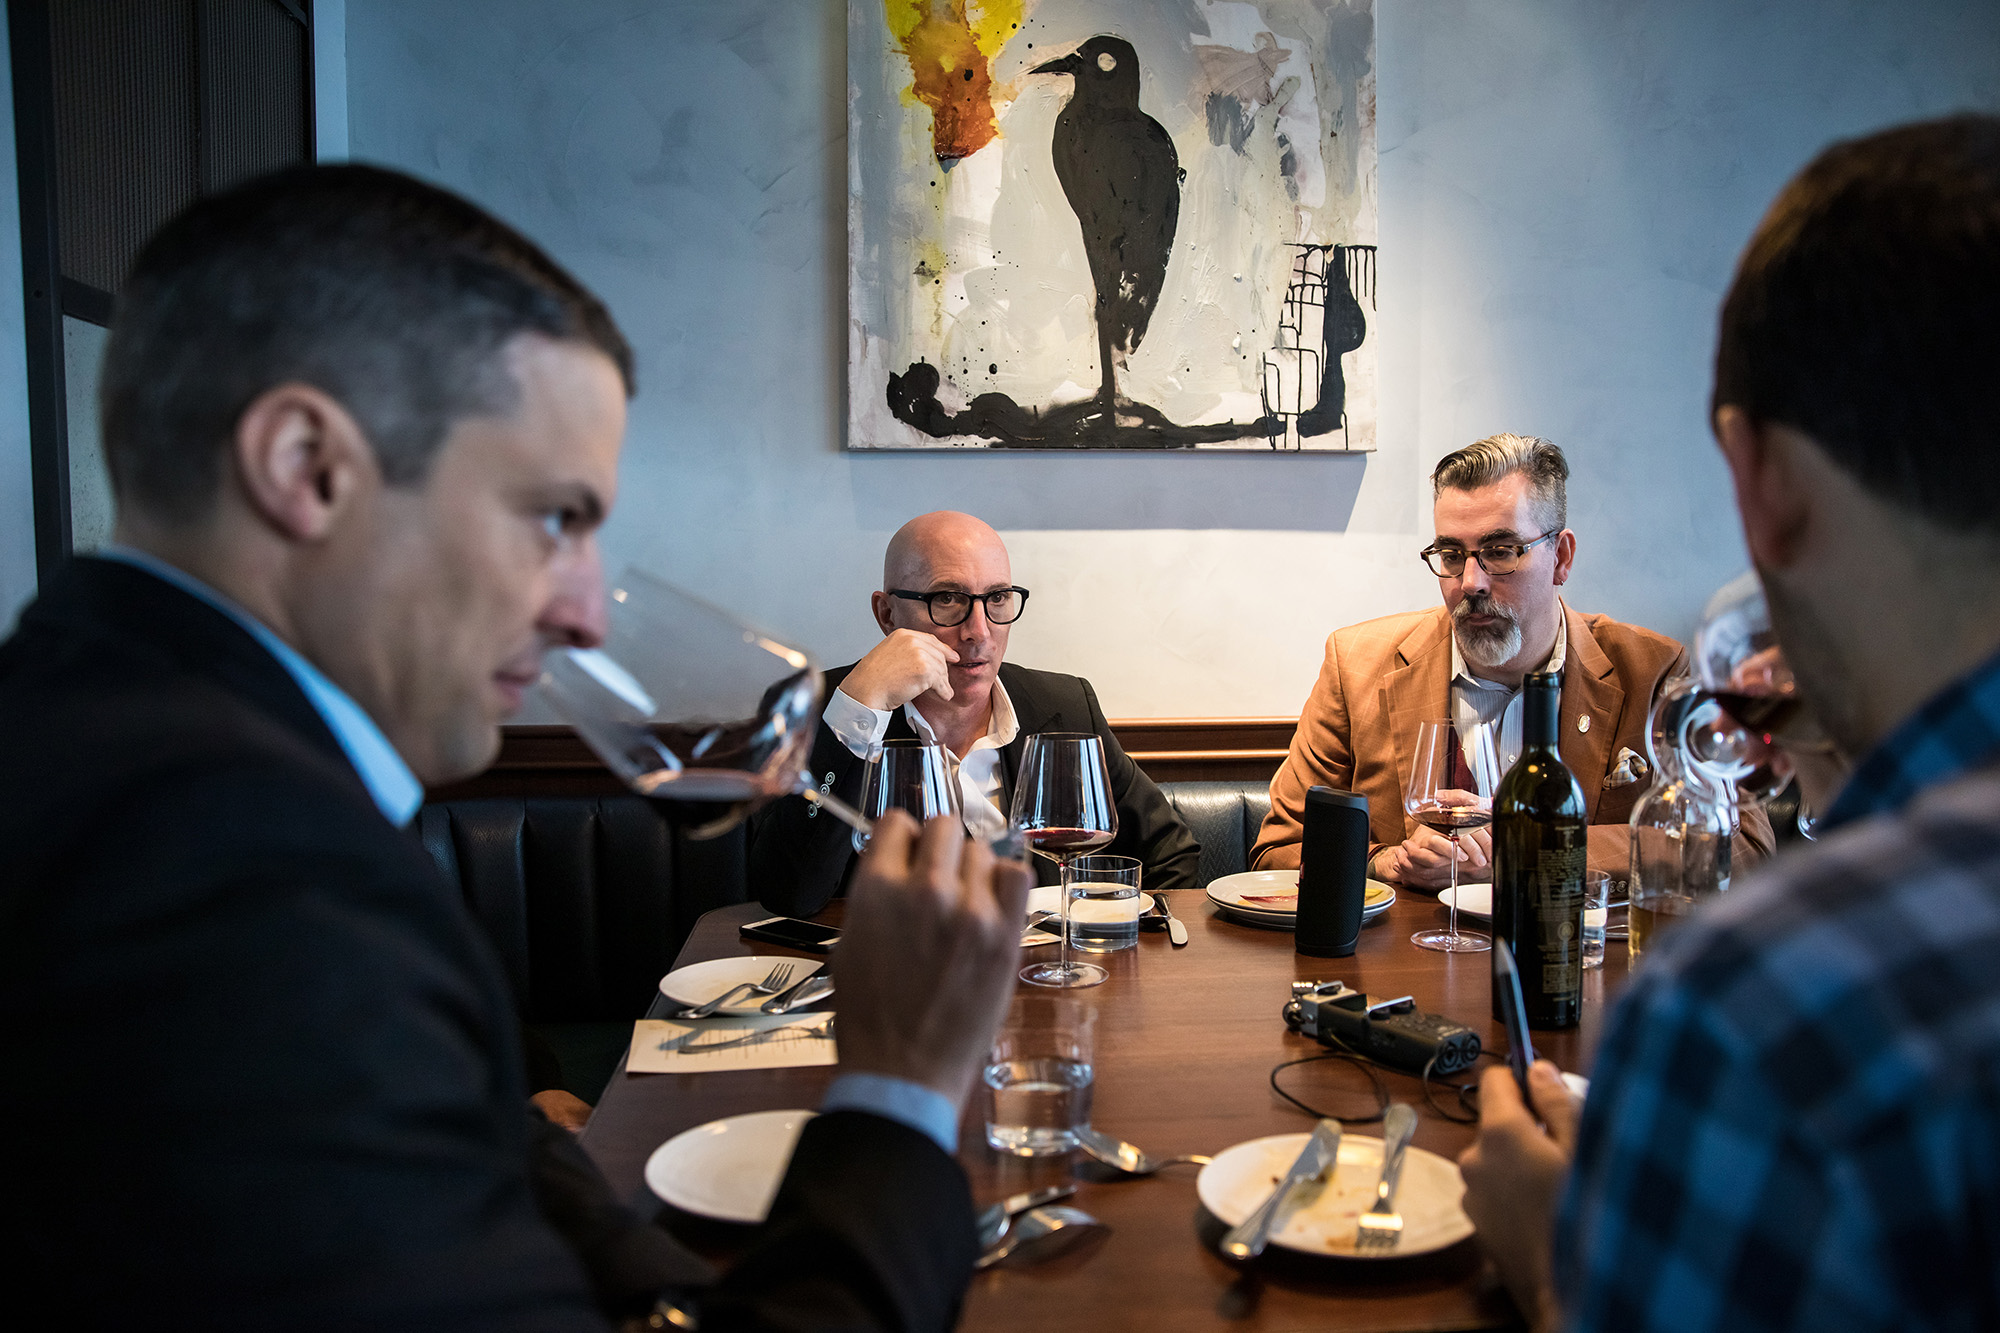 We Had Maynard James Keenan Judge Pairings of His Wines with Food